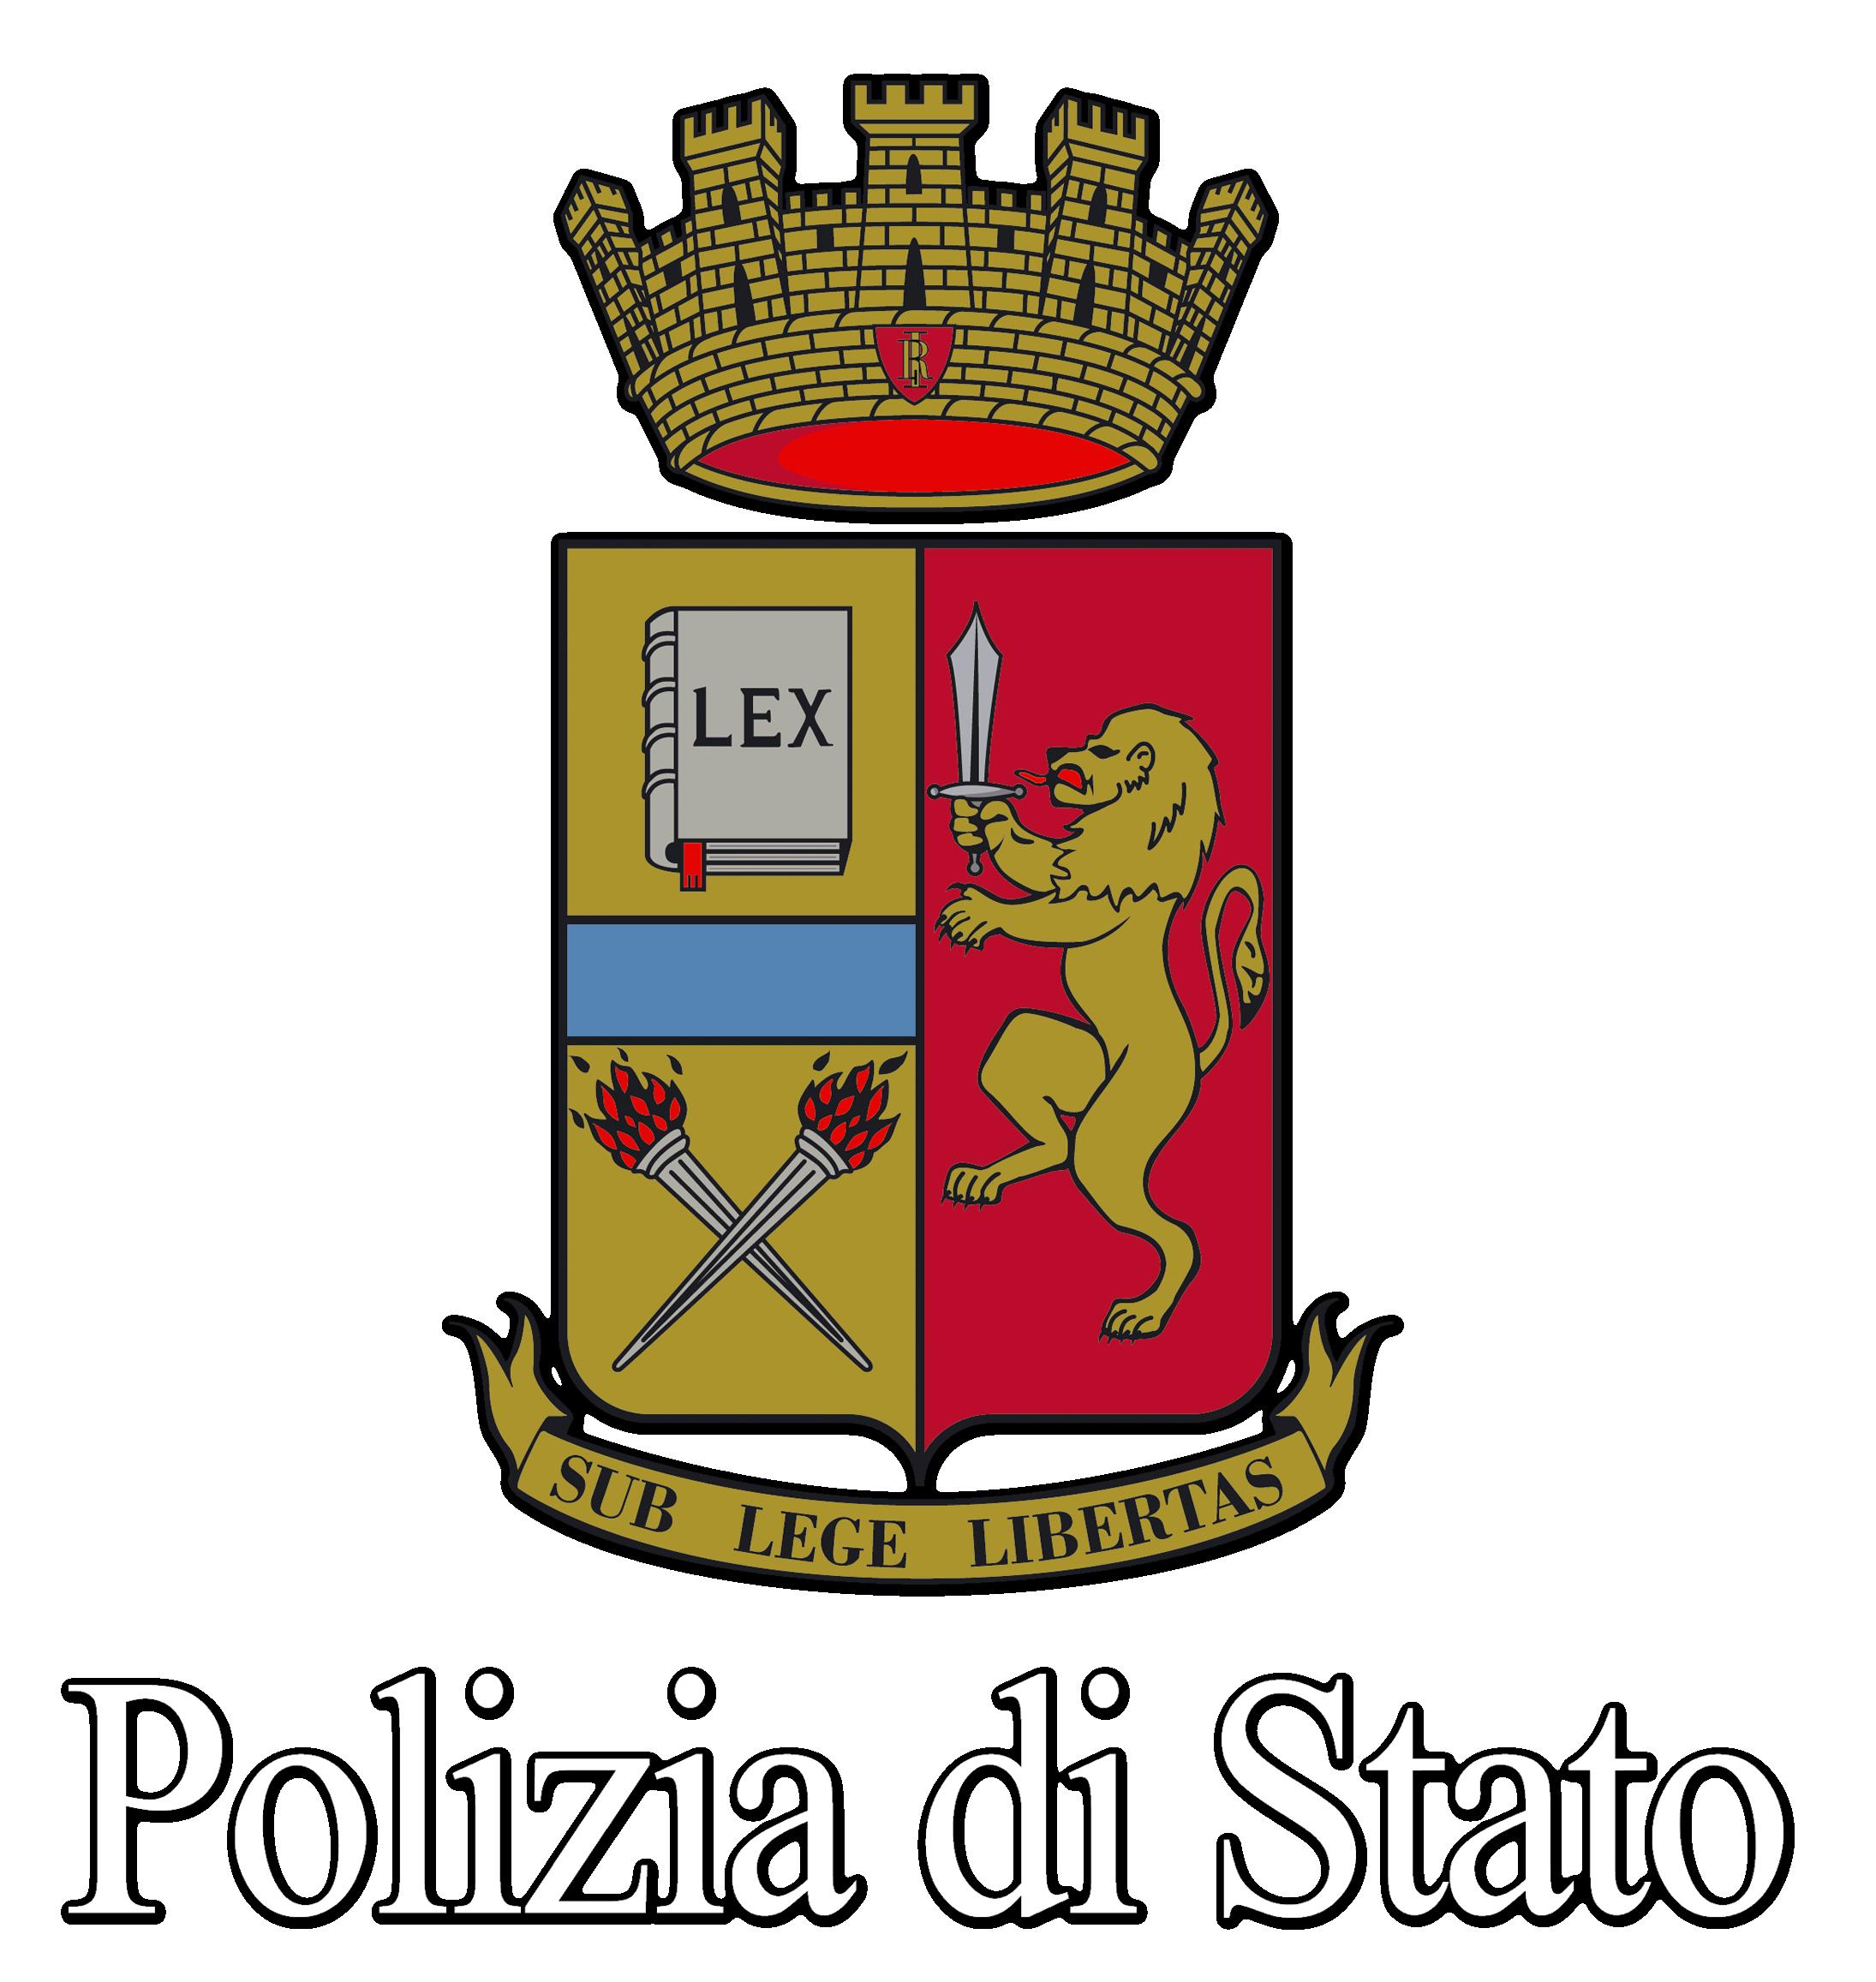 Polizia di stato questure sul web vercelli for Polizia di stato caserta permesso di soggiorno